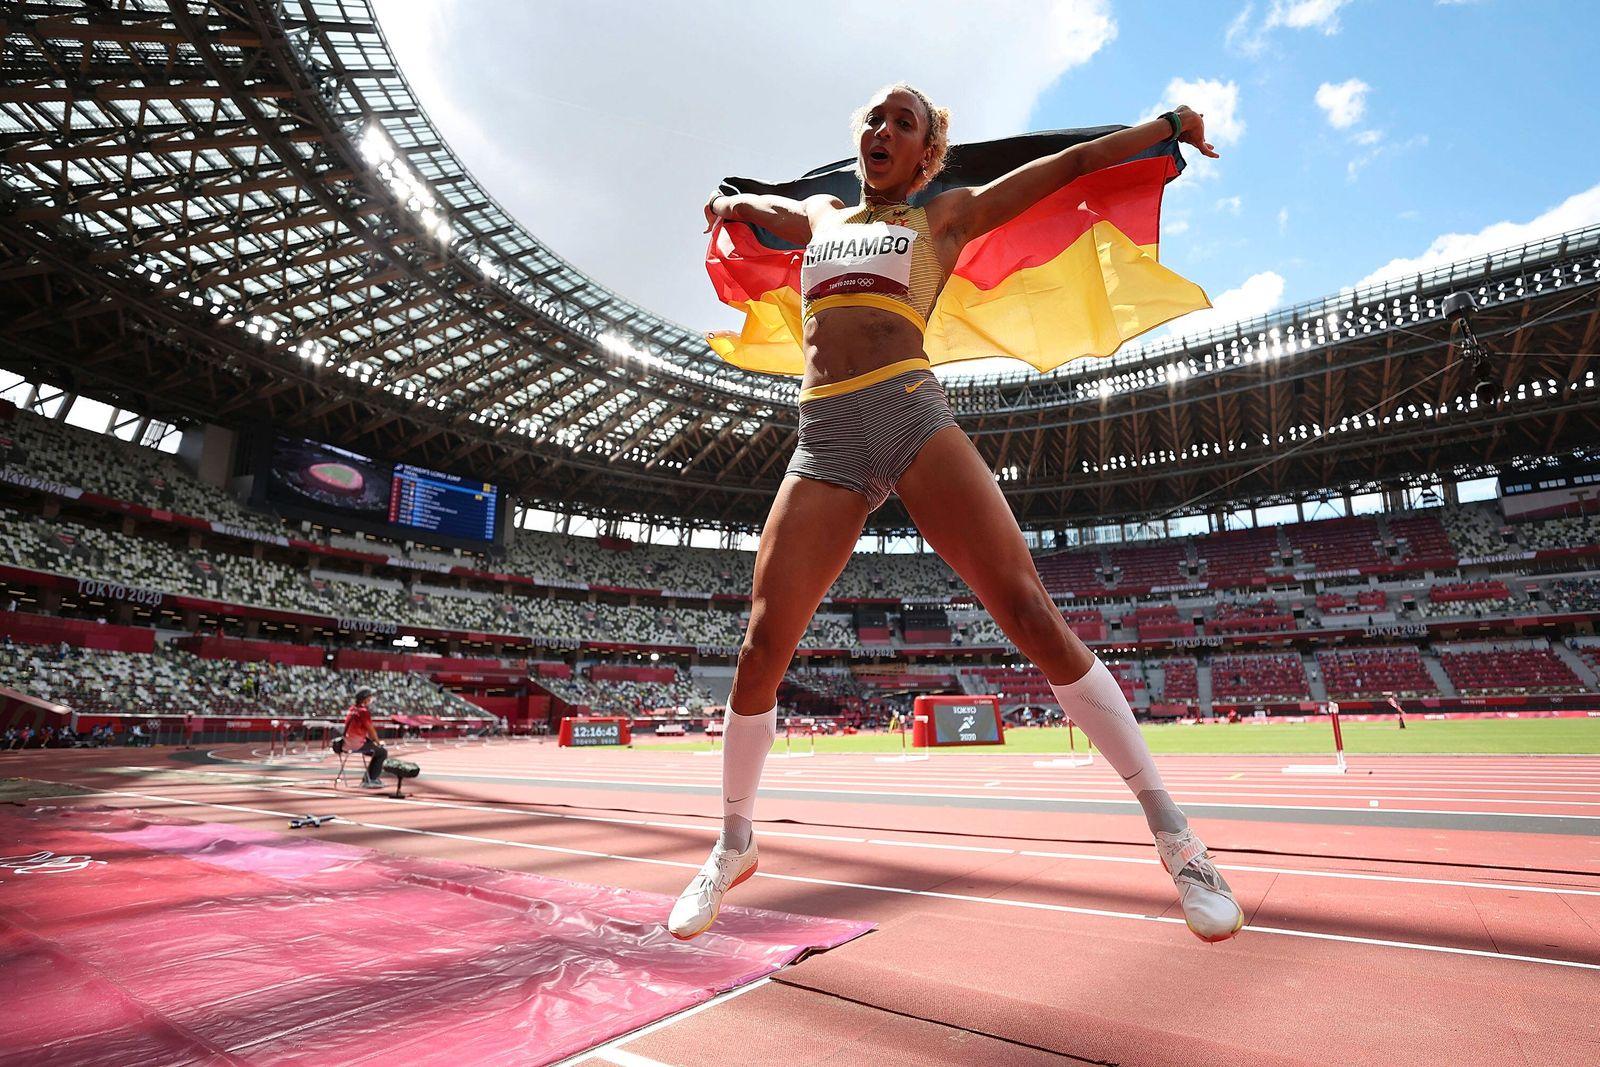 (210803) -- TOKYO, Aug. 3, 2021 -- Malaika Mihambo of Germany reacts after winning the women s long jump final at Tokyo